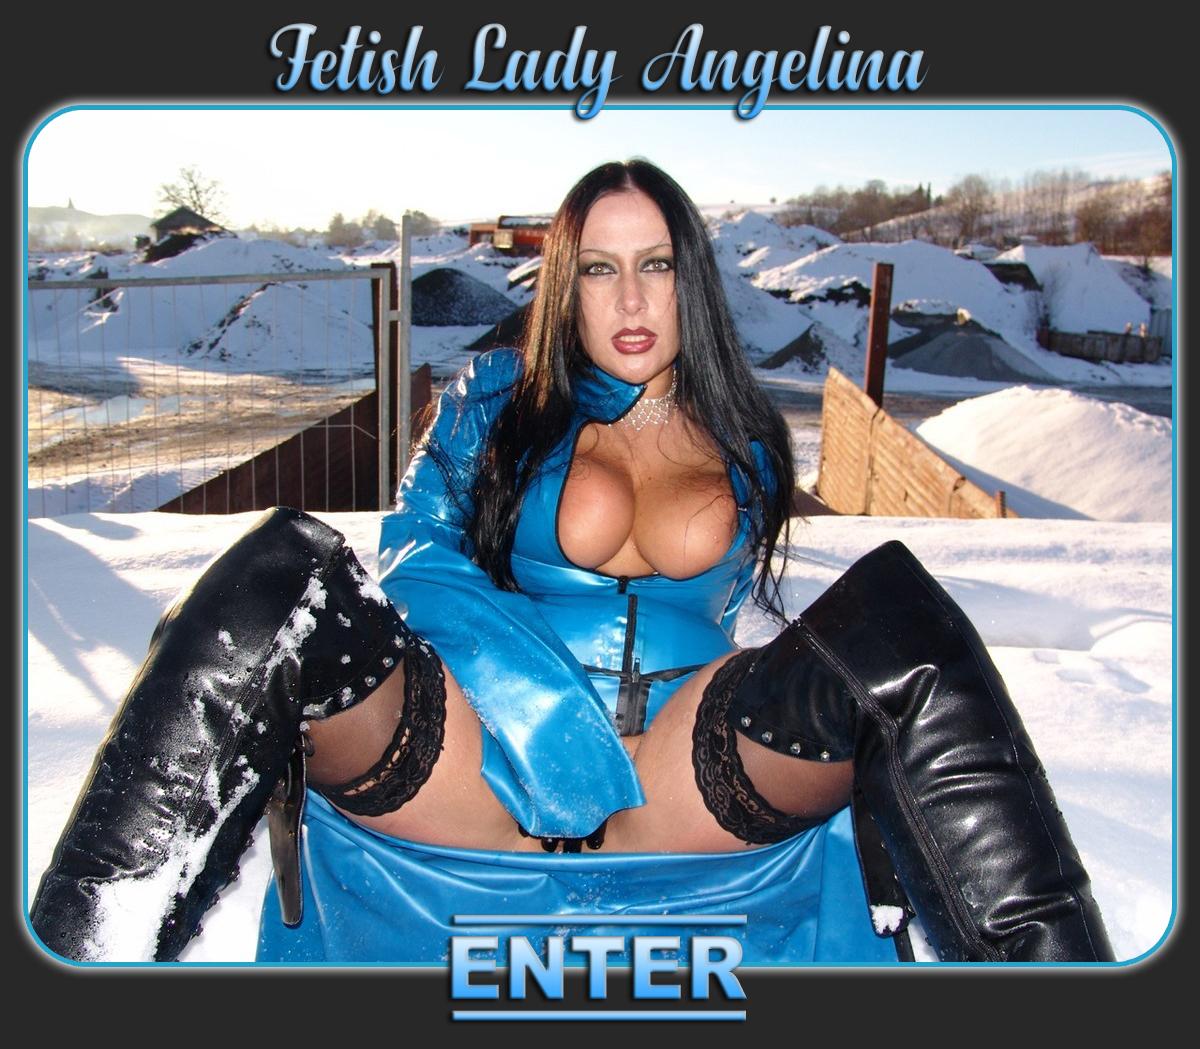 Enter Fetish Lady Angelina